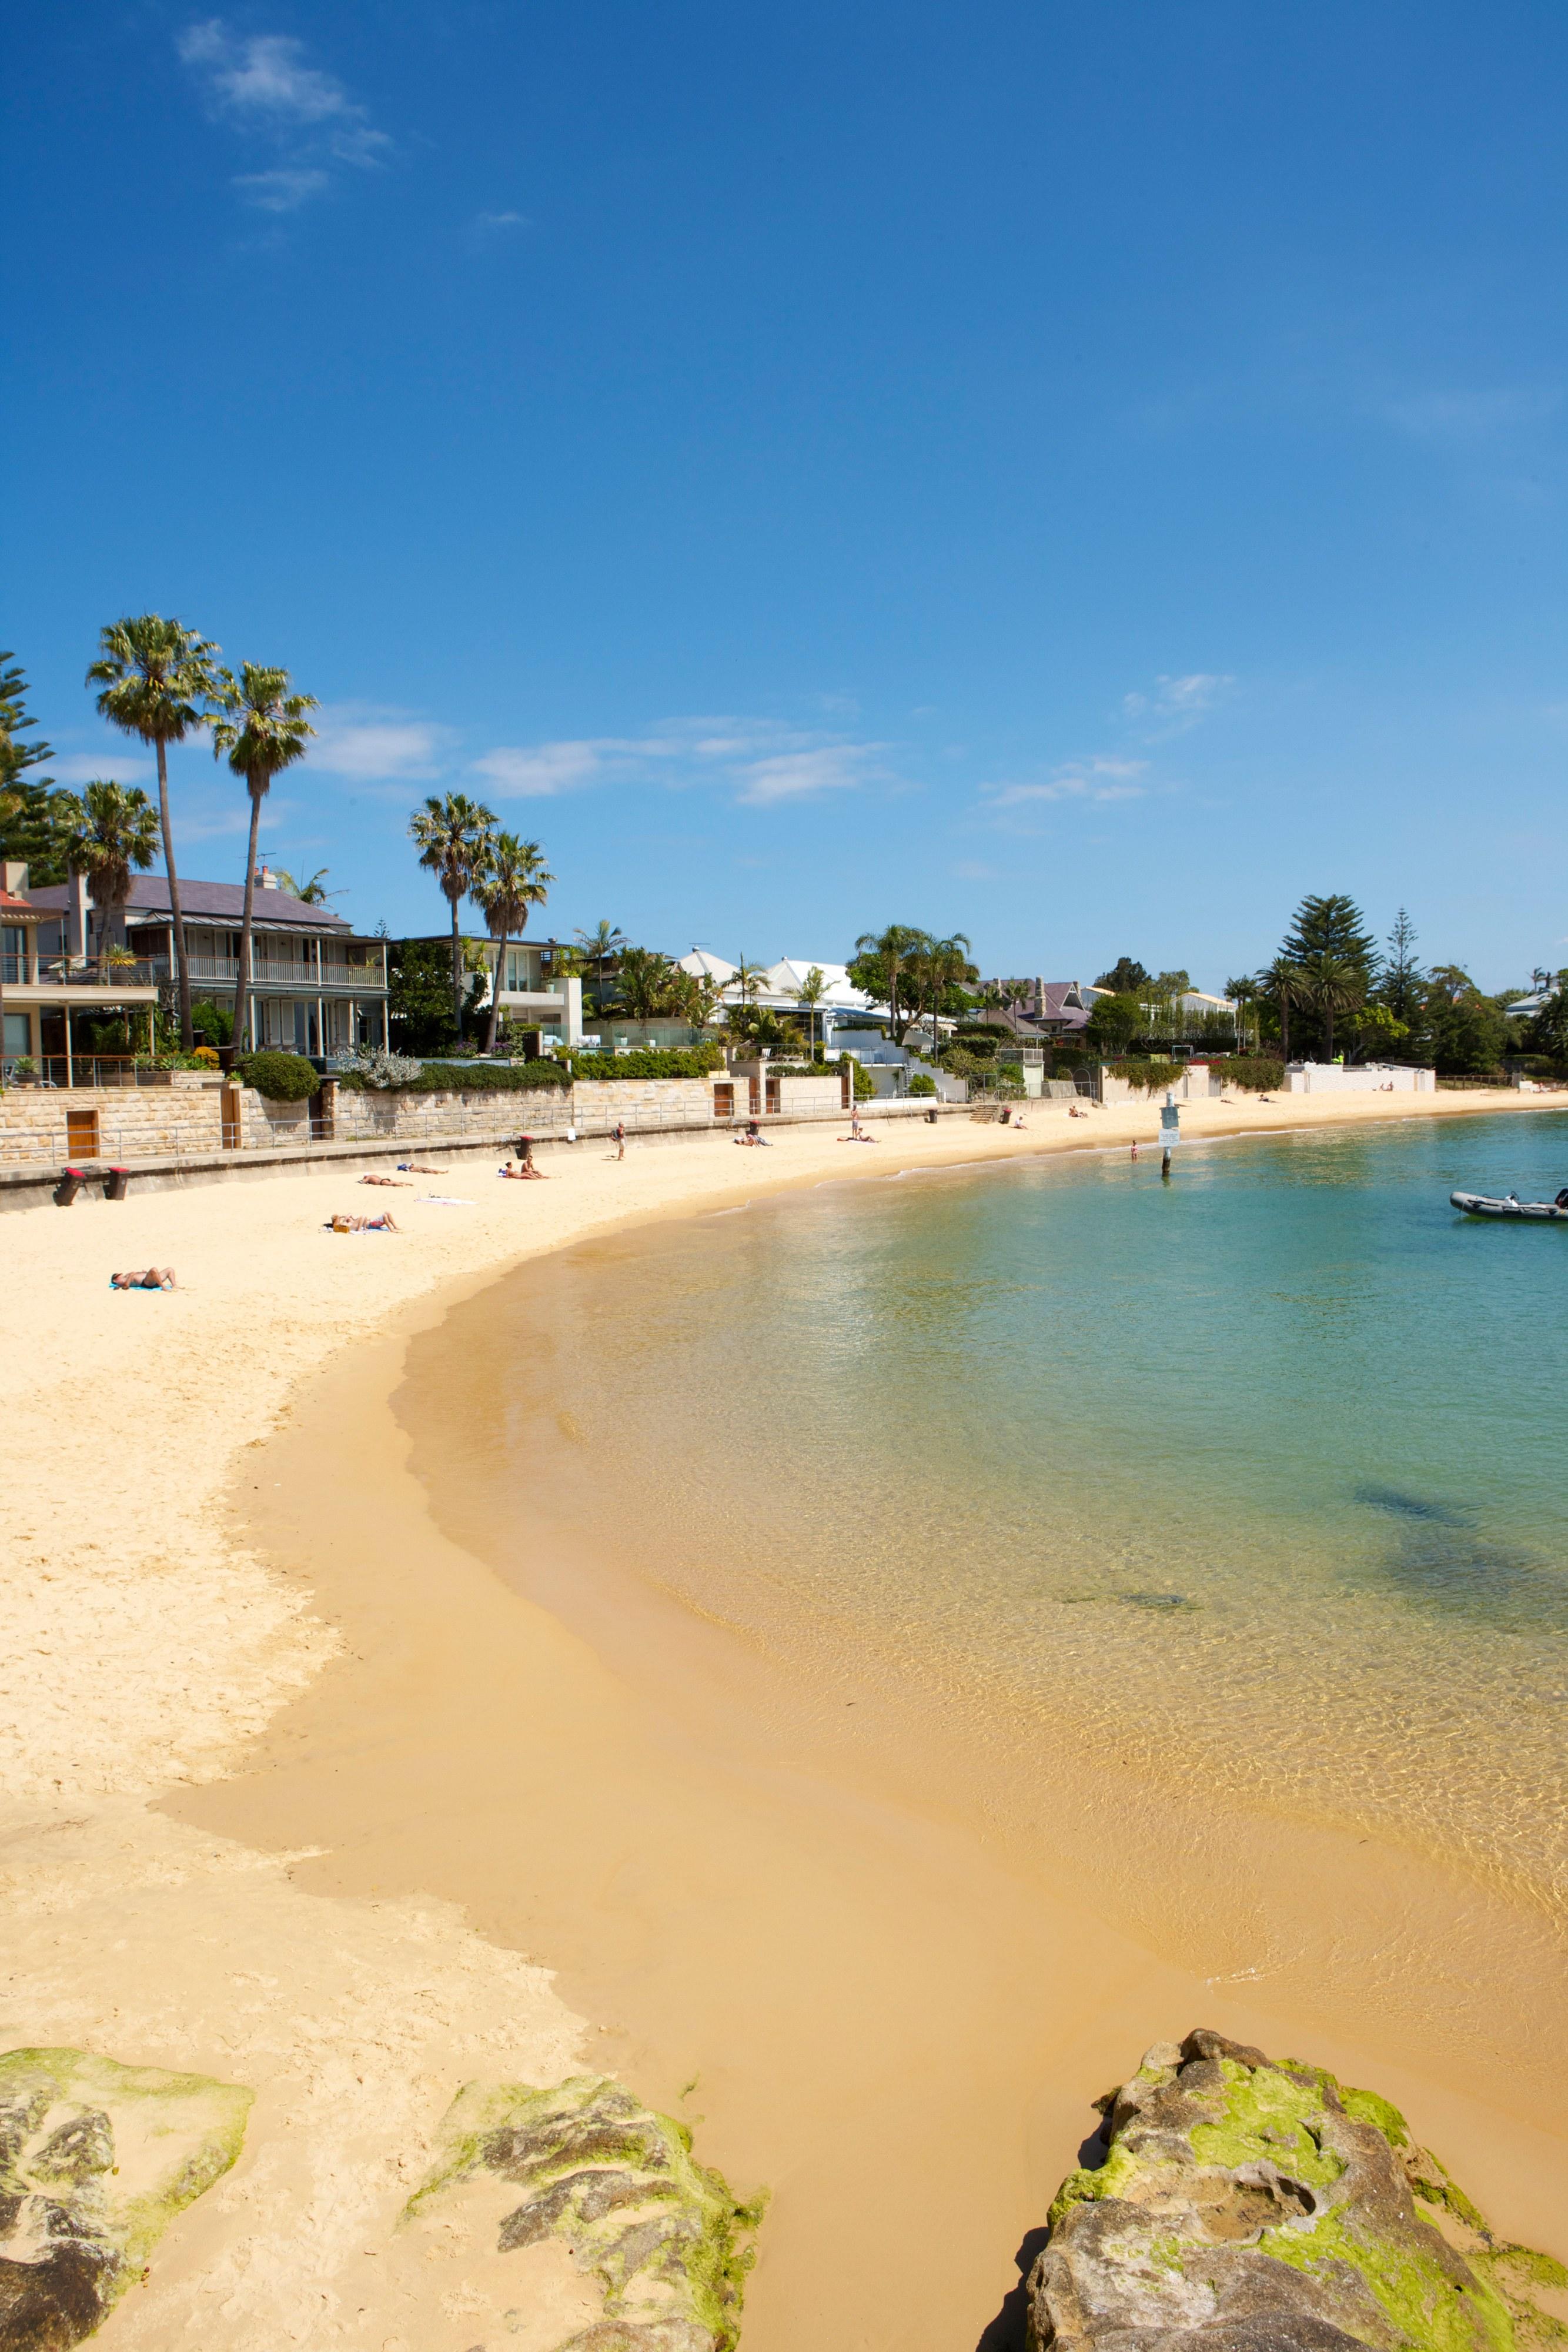 Camp Cove Sydney - Condé Nast Traveler